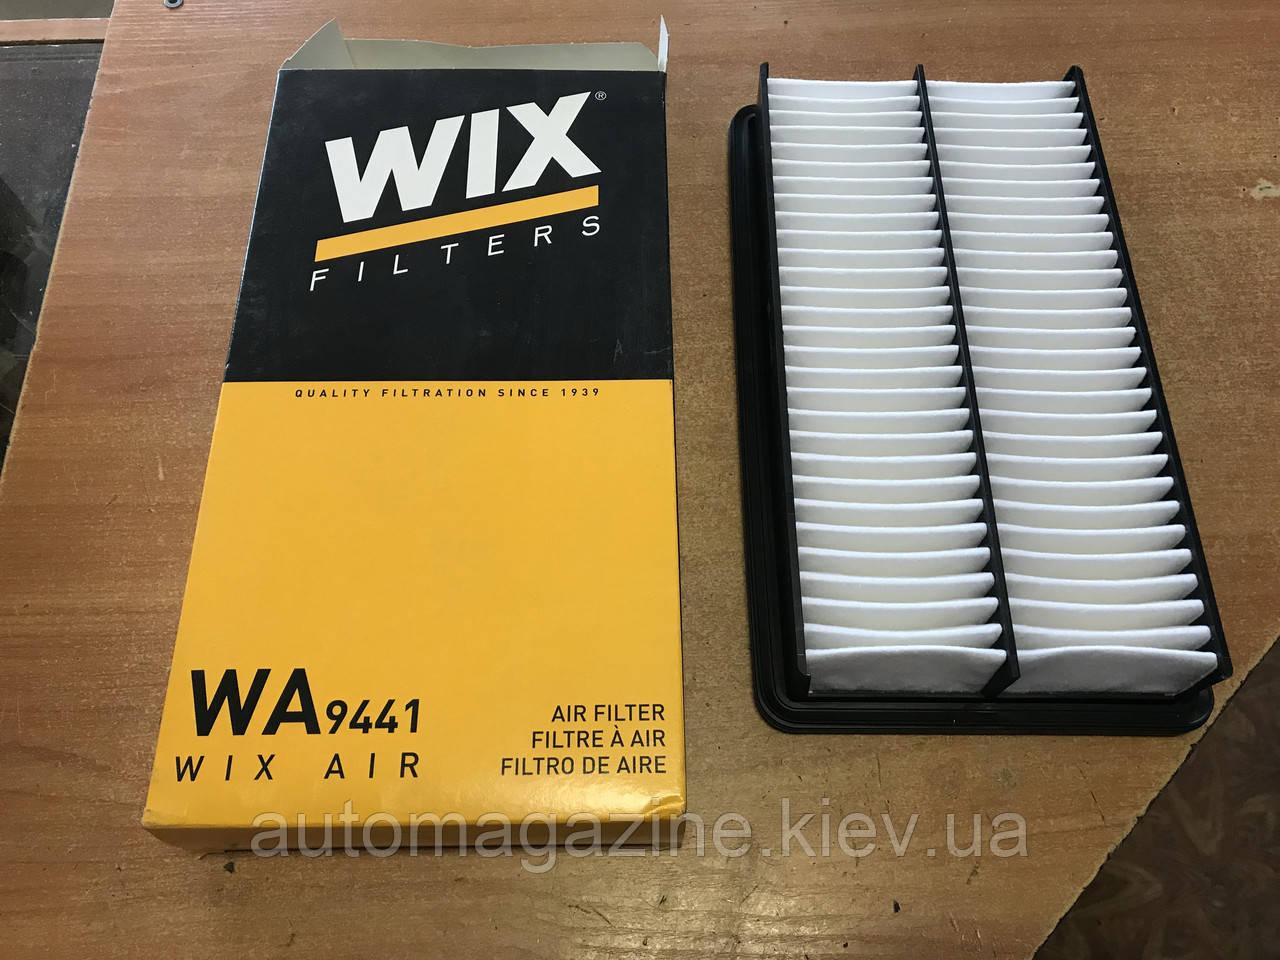 Фильтр воздушный WA 9441